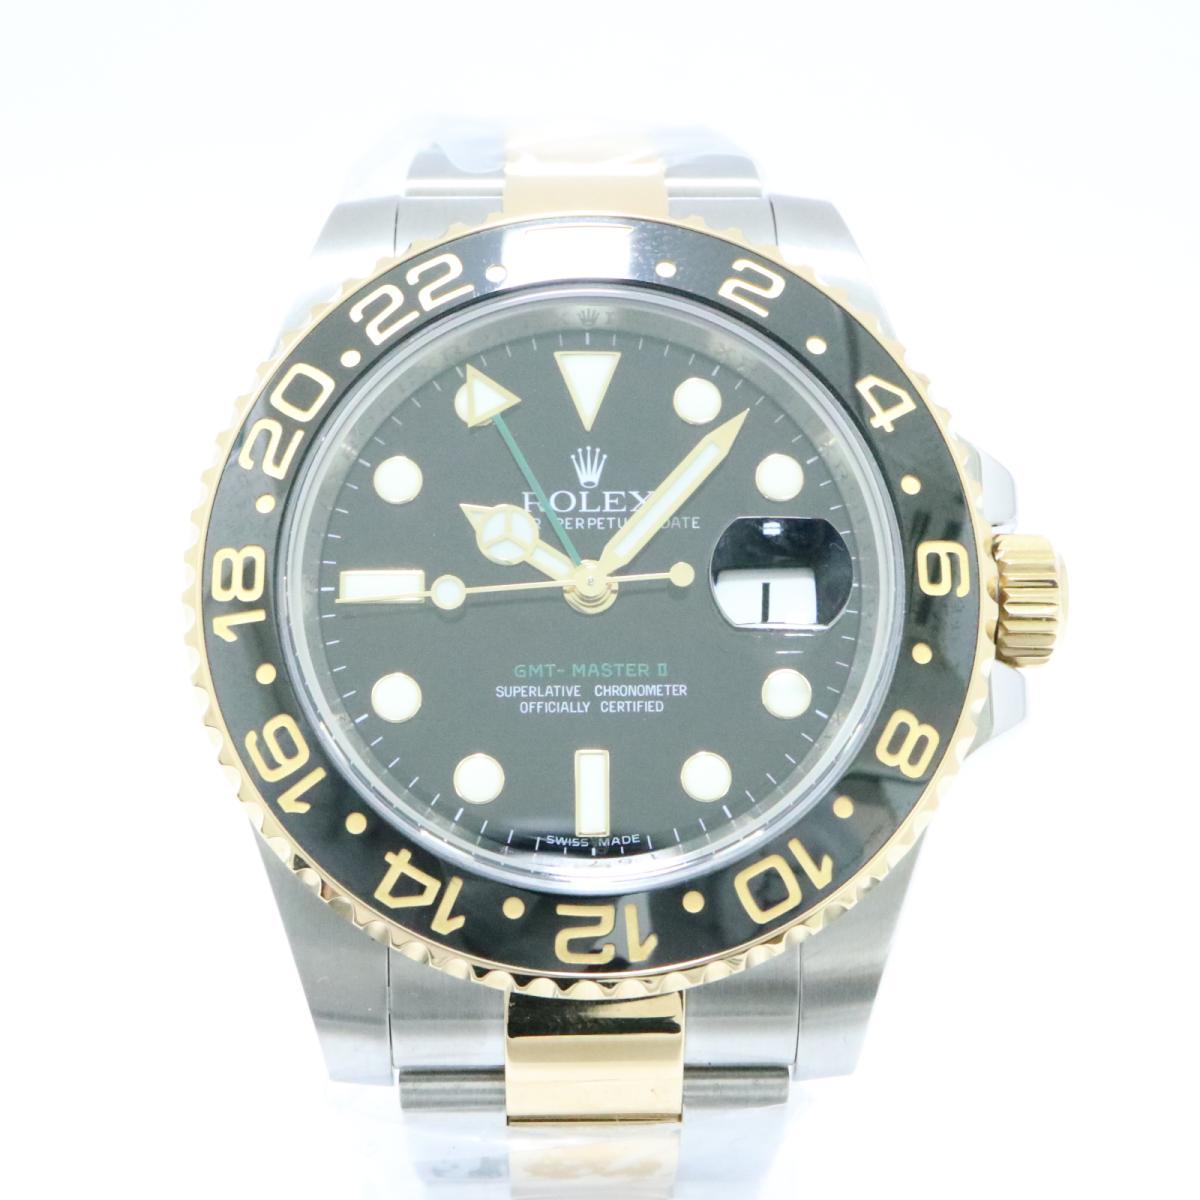 GMTマスター2 ウォッチ 腕時計/かっこいい/おすすめ